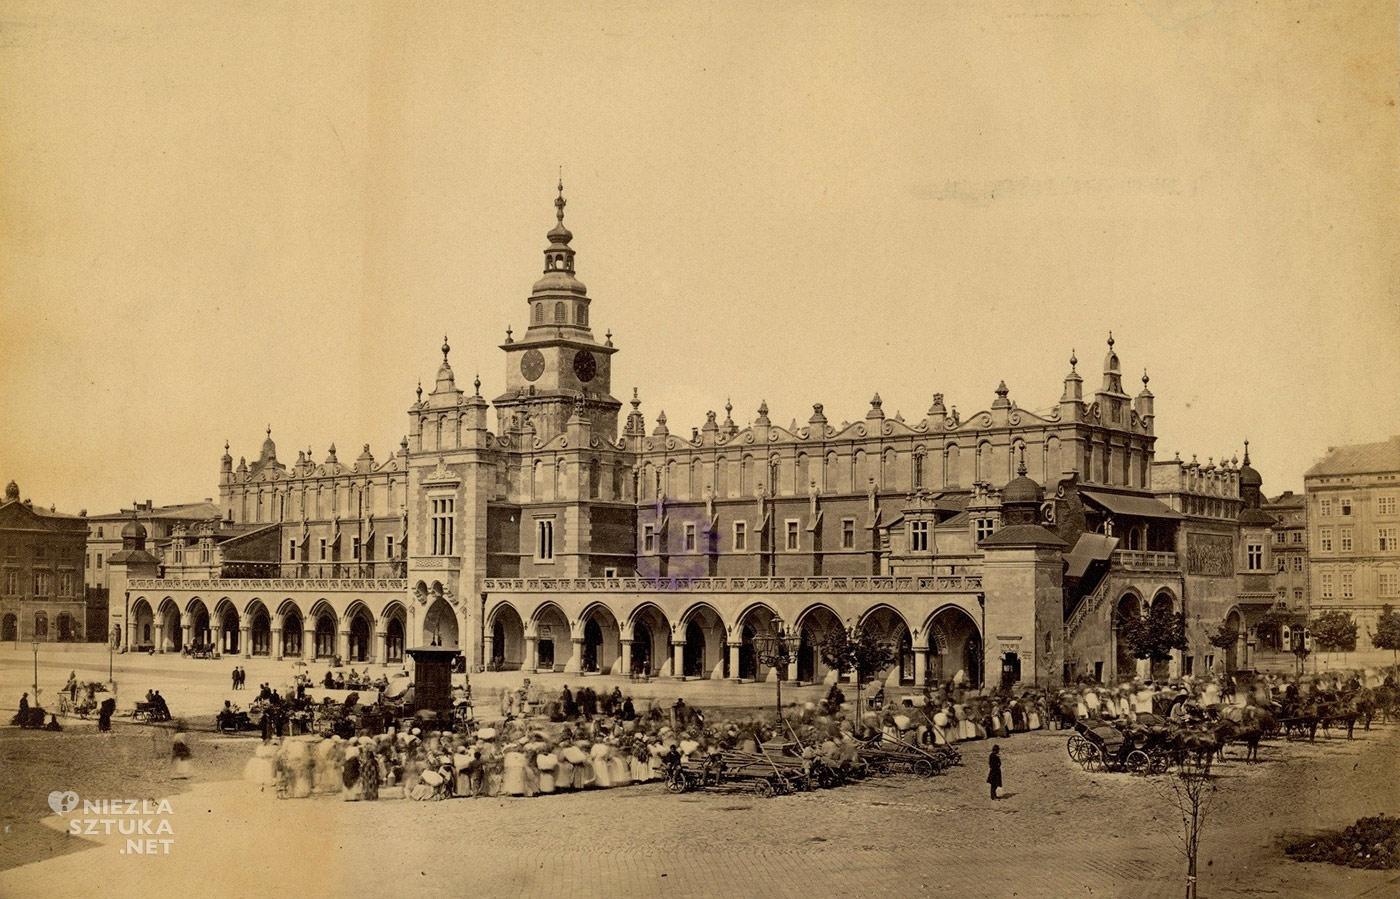 Sukiennice, 1900, Kraków, Niezła sztuka